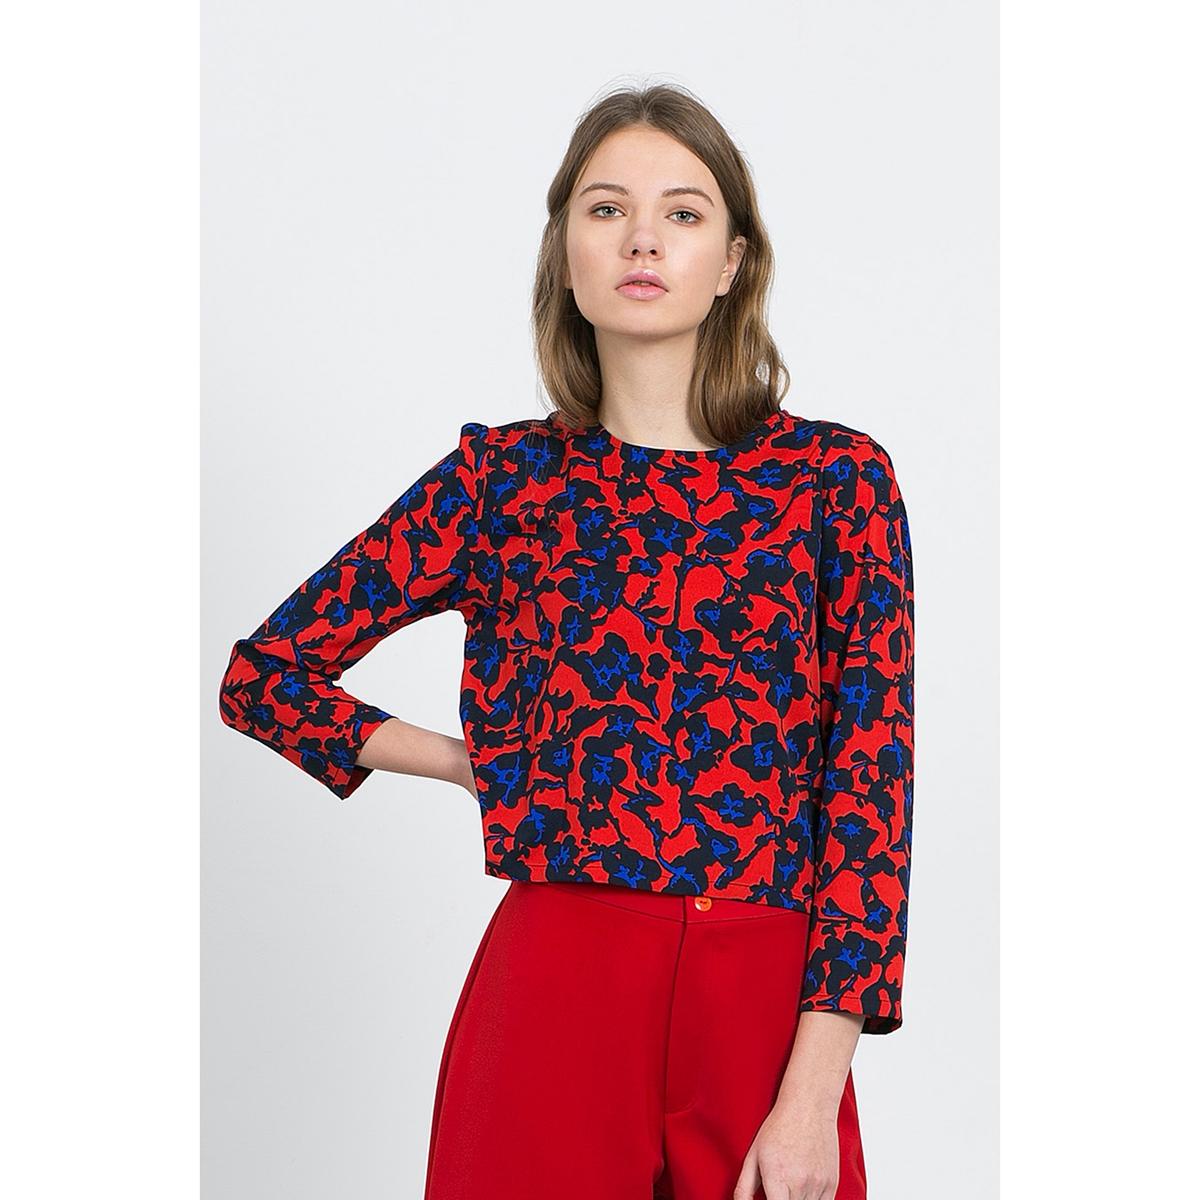 Блузка короткая с рукавами 3/4  MARIA TOPБлузка COMPANIA FANTASTICA. Эта блузка наделена всеми преимуществами, чтобы покорить самых взыскательных покупателей  : рукава 3/4, короткий покрой и цветочный принт . Состав и описание :Материал : 100% полиэстераМарка : COMPANIA FANTASTICA.УходСтирать при 30° с одеждой подобного цвета Стирать и гладить с изнанки<br><br>Цвет: красный